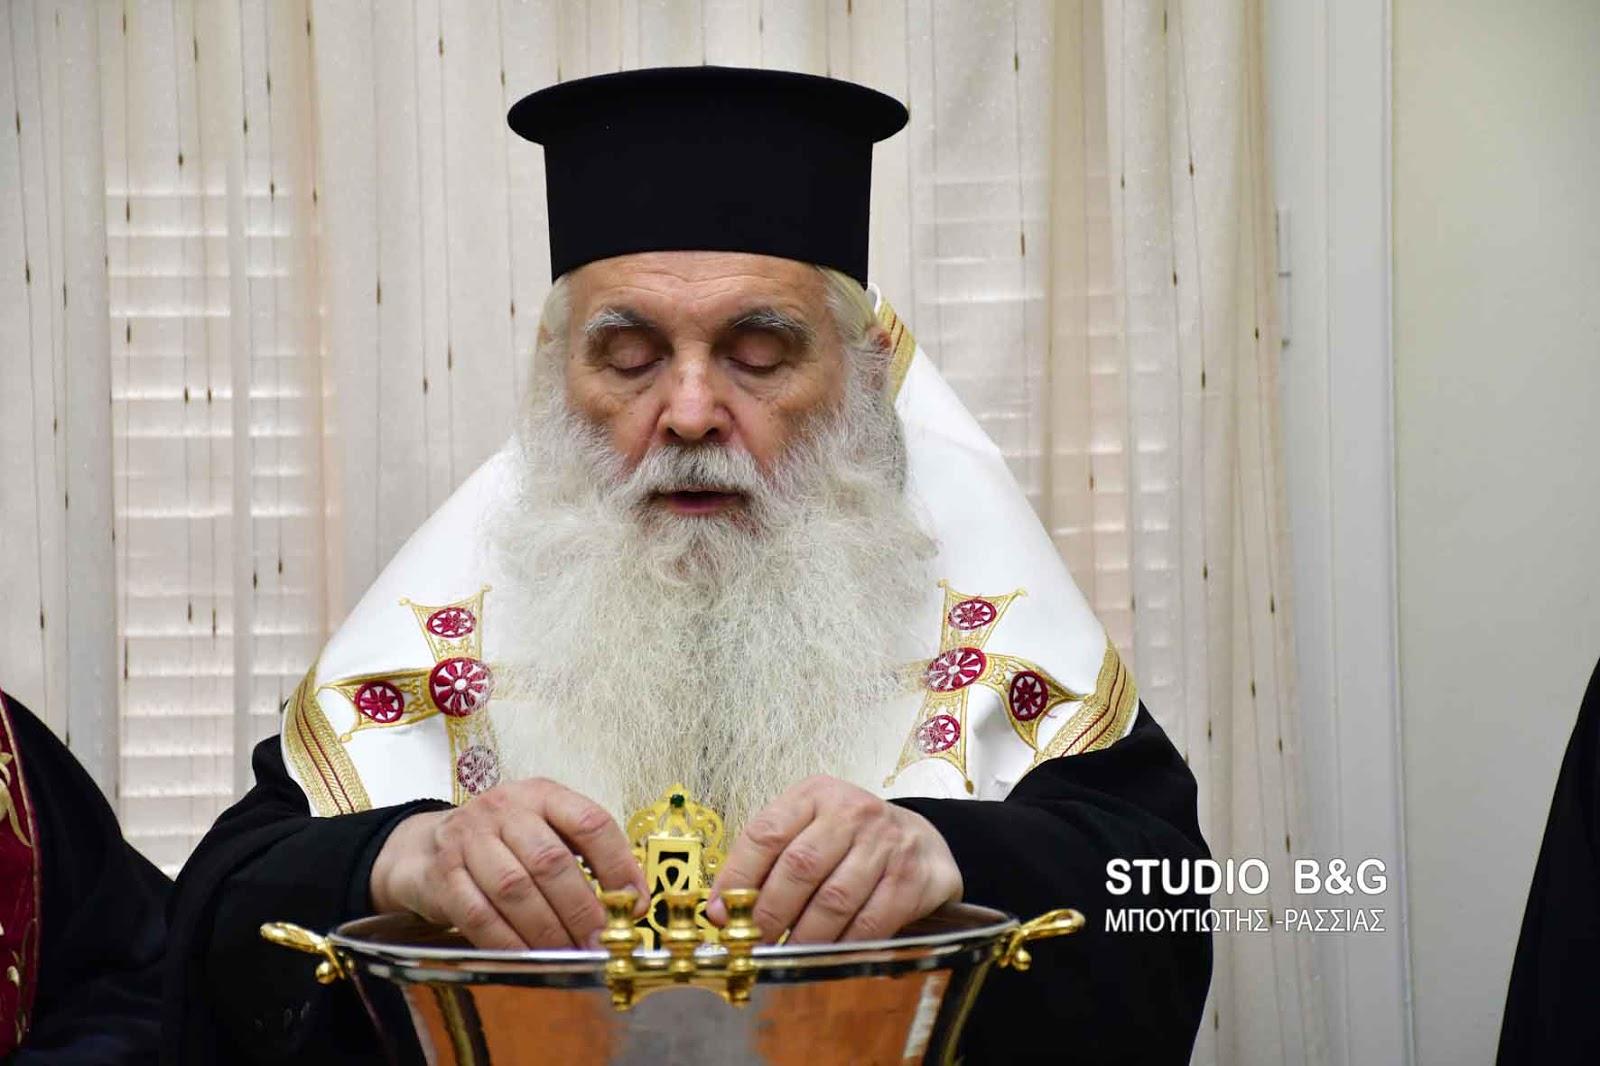 Αγιασμός για την έναρξη της νέας σχολικής χρονιάς και κατατακτήριες εξετάσεις στη Σχολή Βυζαντινής Μουσικής της Ιεράς Μητροπόλεως Αργολίδος